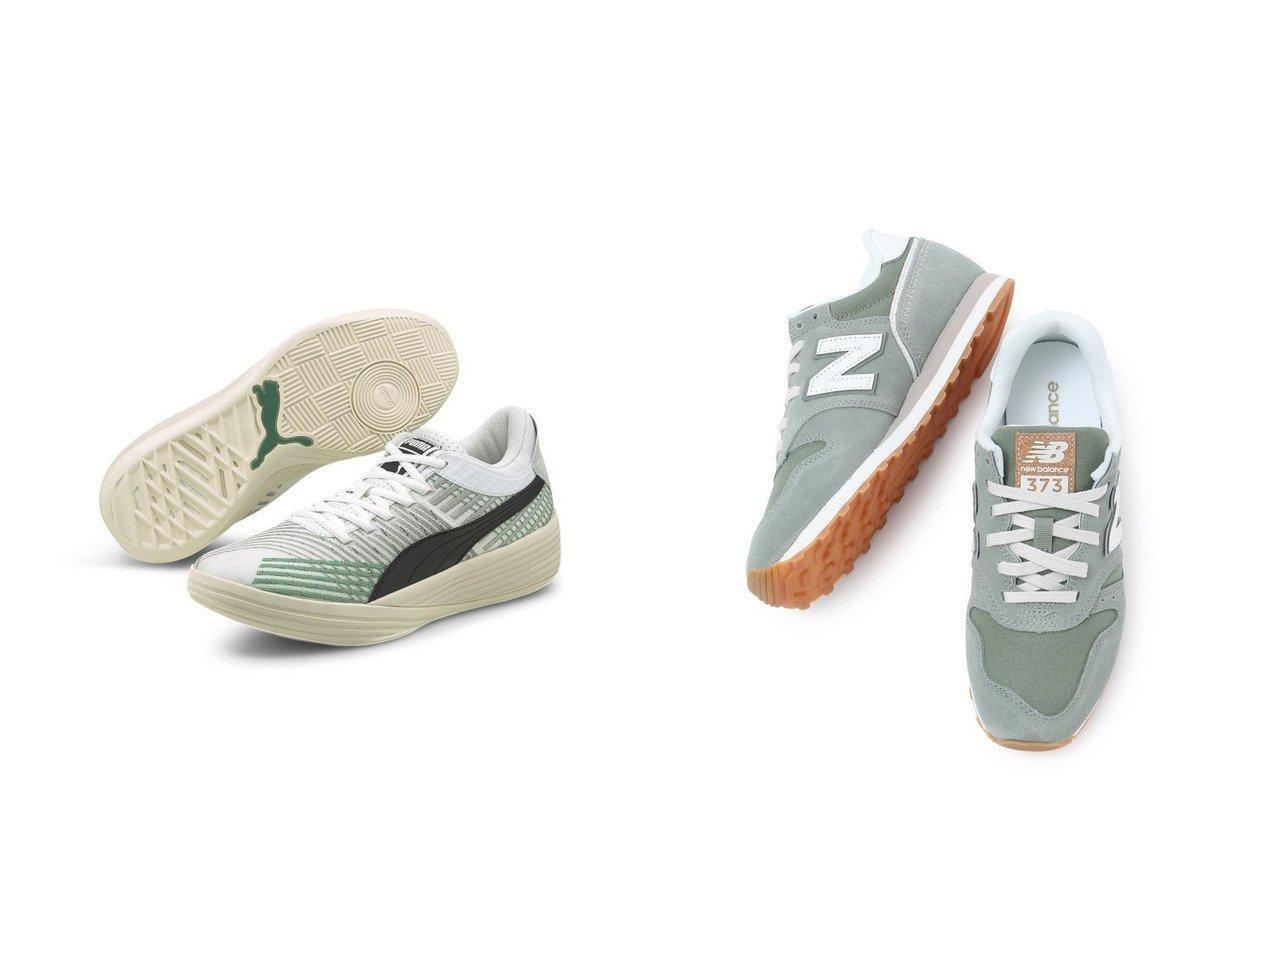 【PUMA/プーマ】のクライド ALL-PRO COAST 2 COAST バスケットボール シューズ&【ROPE'PICNIC PASSAGE/ロペピクニック パサージュ】の【New Balance 】ニューバランス ML373 【シューズ・靴】おすすめ!人気トレンド・レディースファッション通販 おすすめで人気の流行・トレンド、ファッションの通販商品 インテリア・家具・メンズファッション・キッズファッション・レディースファッション・服の通販 founy(ファニー) https://founy.com/ ファッション Fashion レディースファッション WOMEN NEW・新作・新着・新入荷 New Arrivals 2021年 2021 2021春夏・S/S SS/Spring/Summer/2021 S/S・春夏 SS・Spring/Summer クール シューズ スニーカー スリッポン パフォーマンス 夏 Summer 春 Spring スエード スタイリッシュ バランス ランニング 再入荷 Restock/Back in Stock/Re Arrival |ID:crp329100000046873